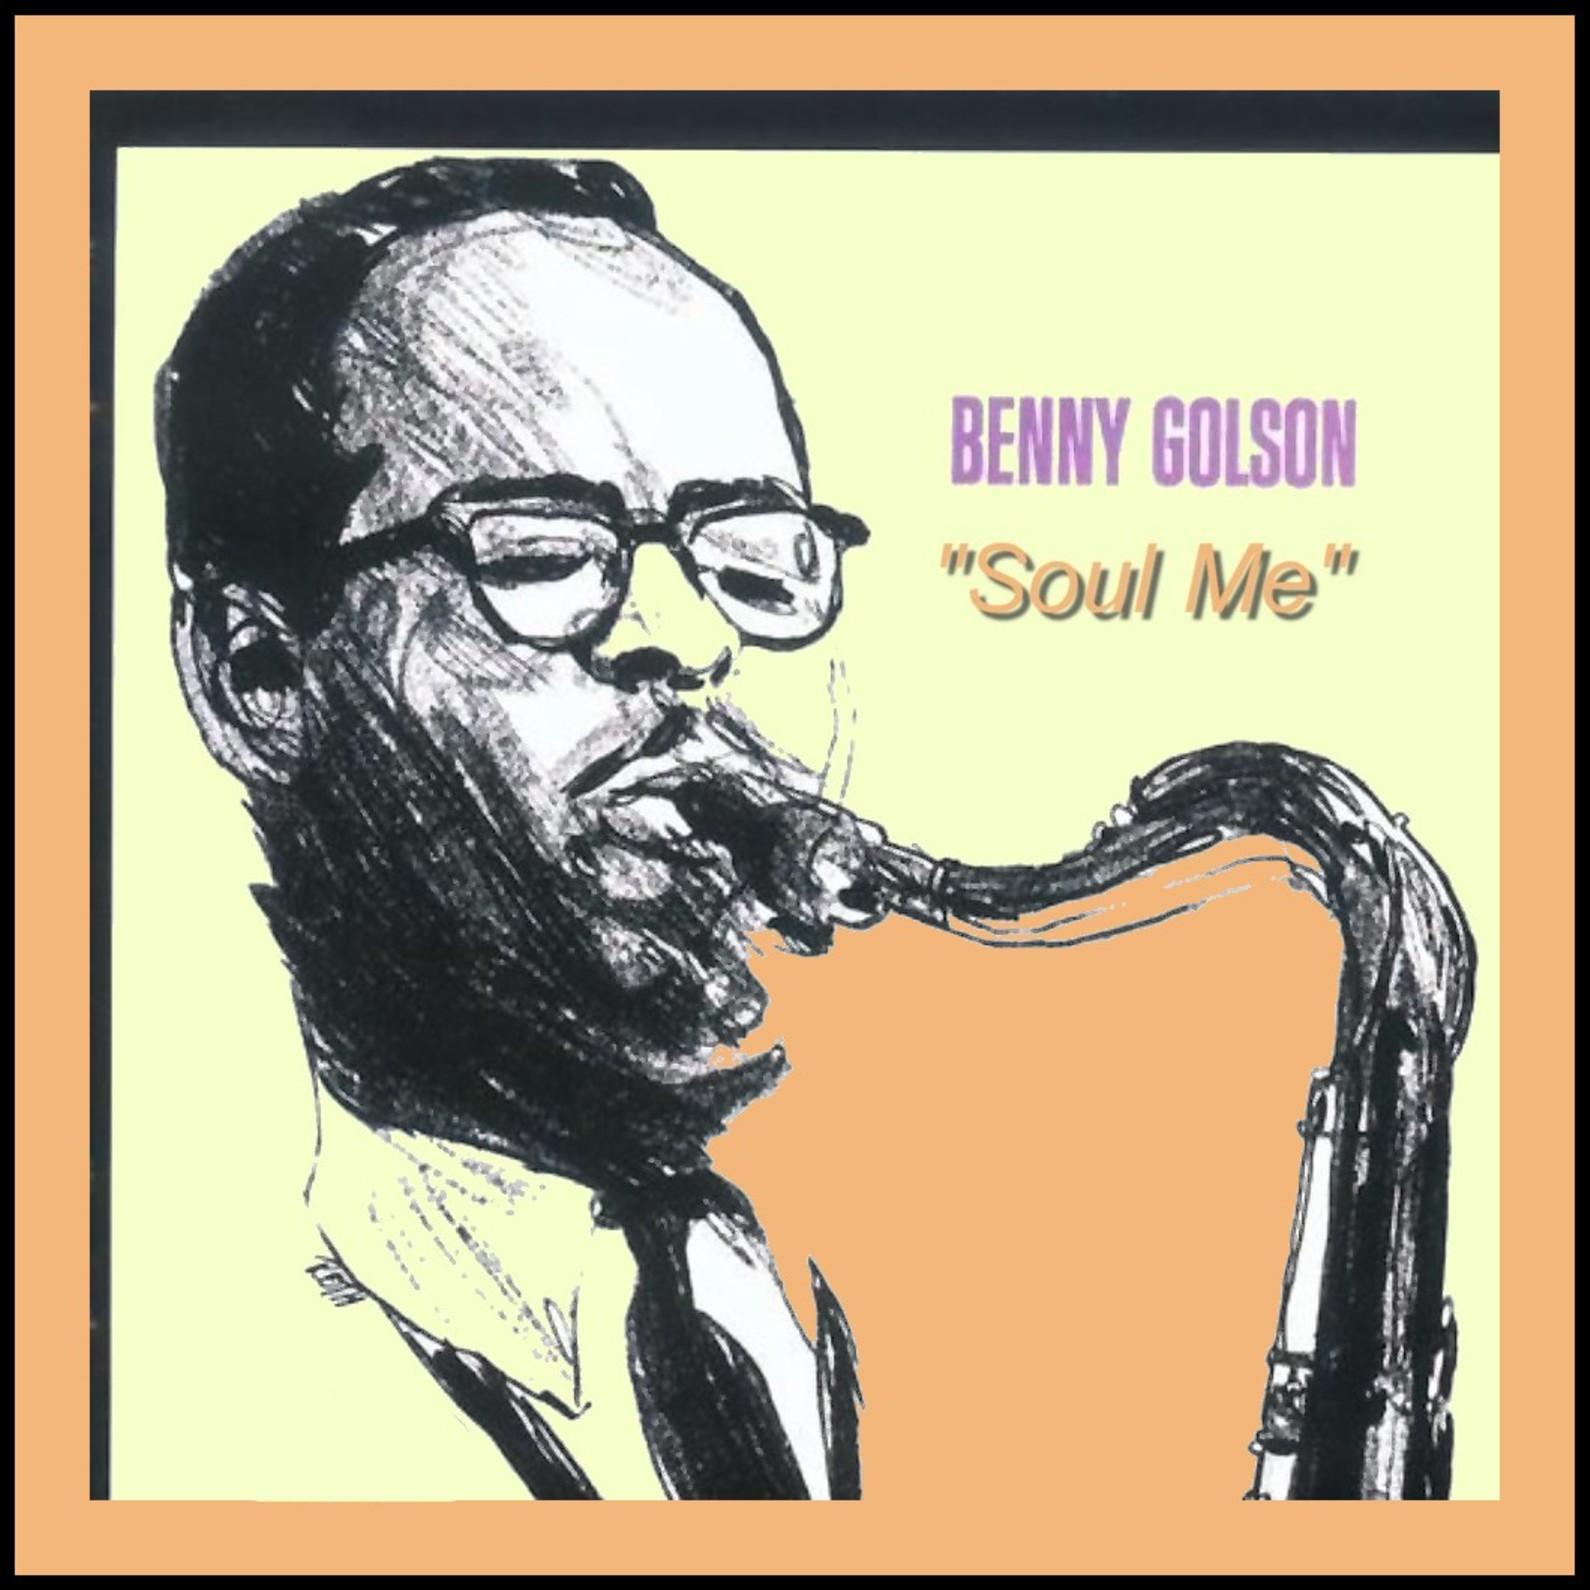 Benny golson soul me